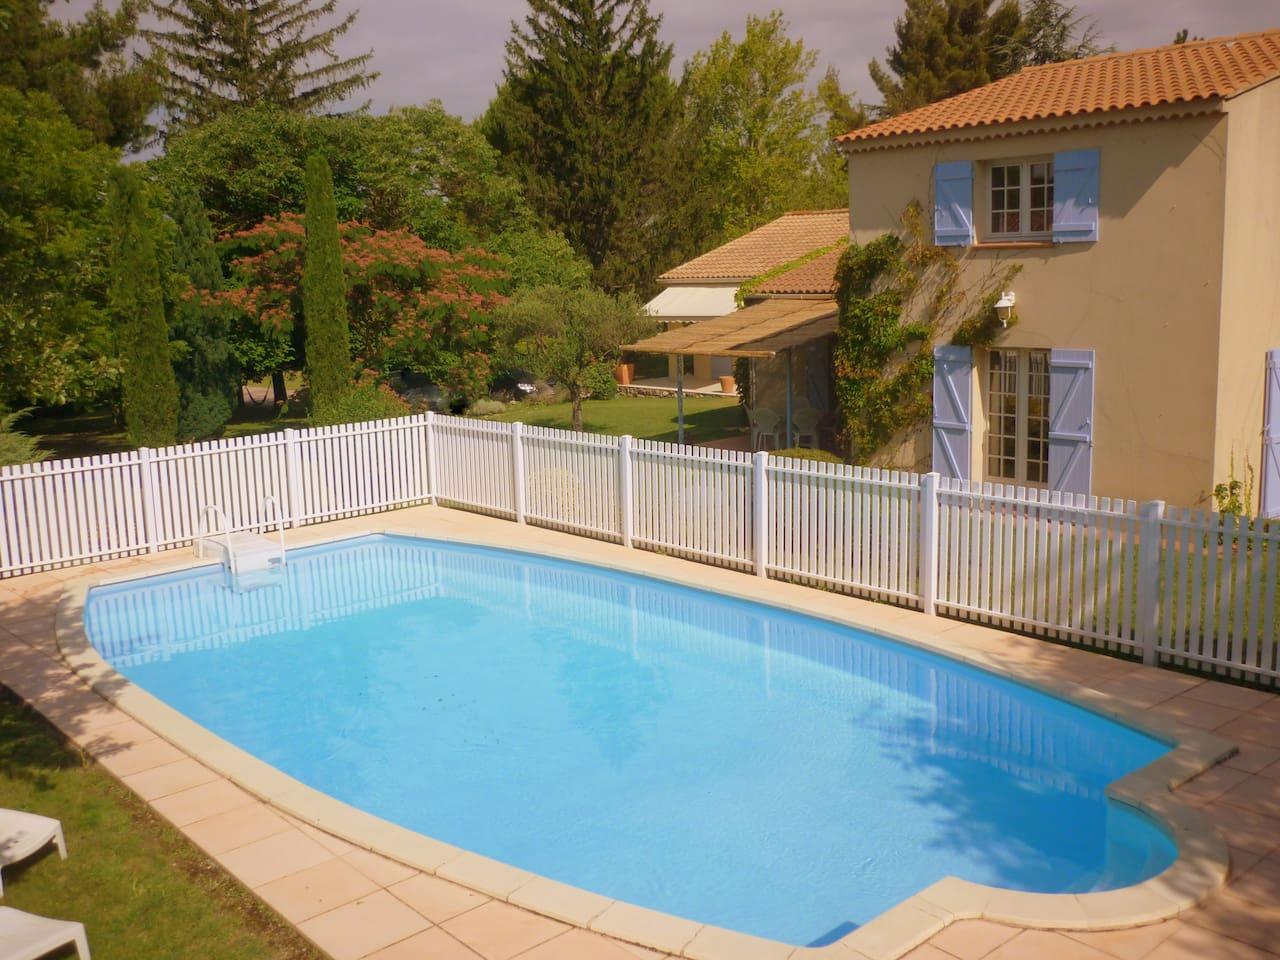 Espace piscine sécurisé. Piscine 10 x 5 avec accès par escalier